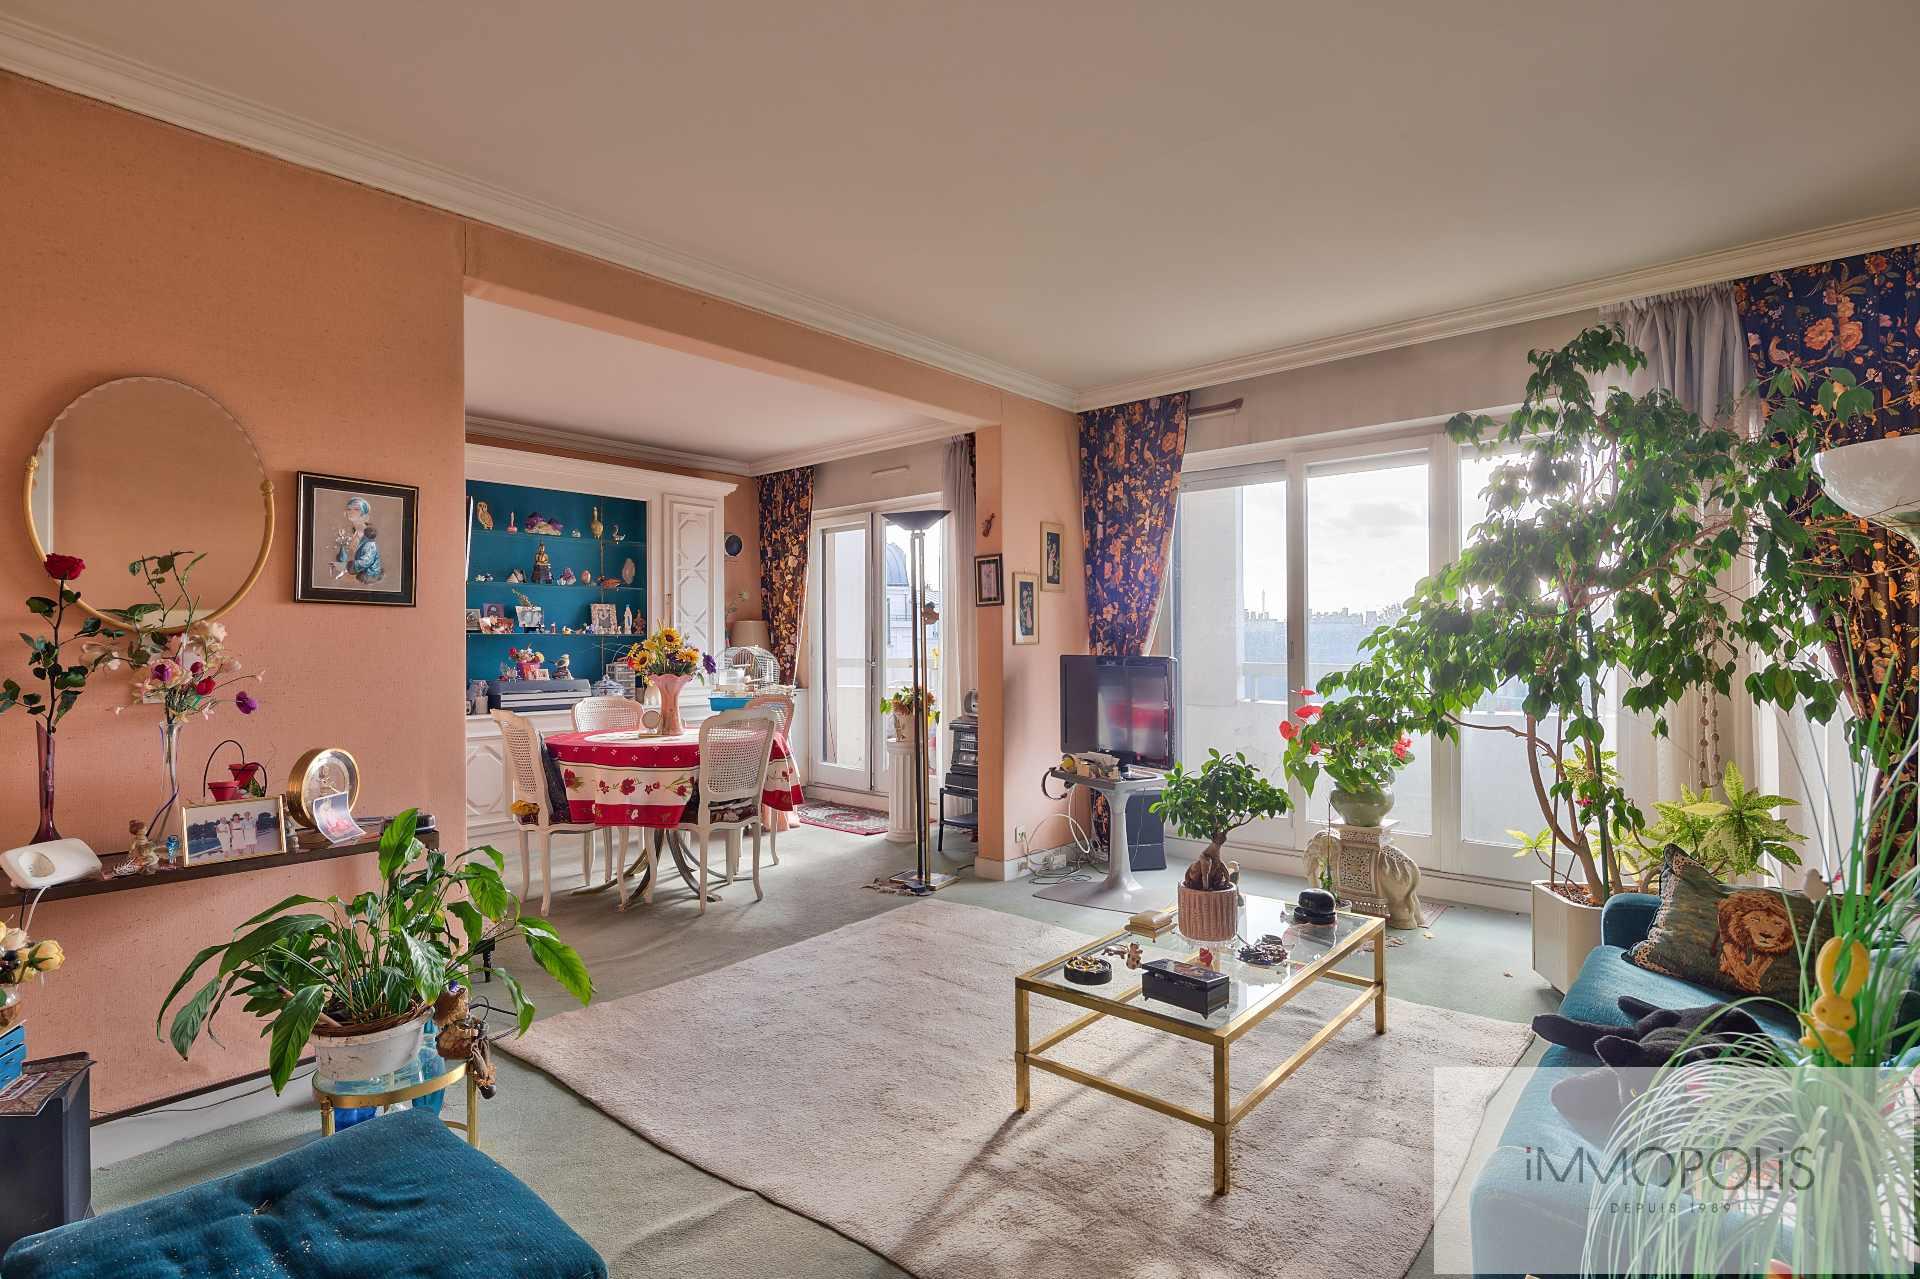 4 pièces avec balcon terrasse et vue dégagée sur jardins et la Tour Eiffel : vendu occupé par usufruitière de 90 ans 1